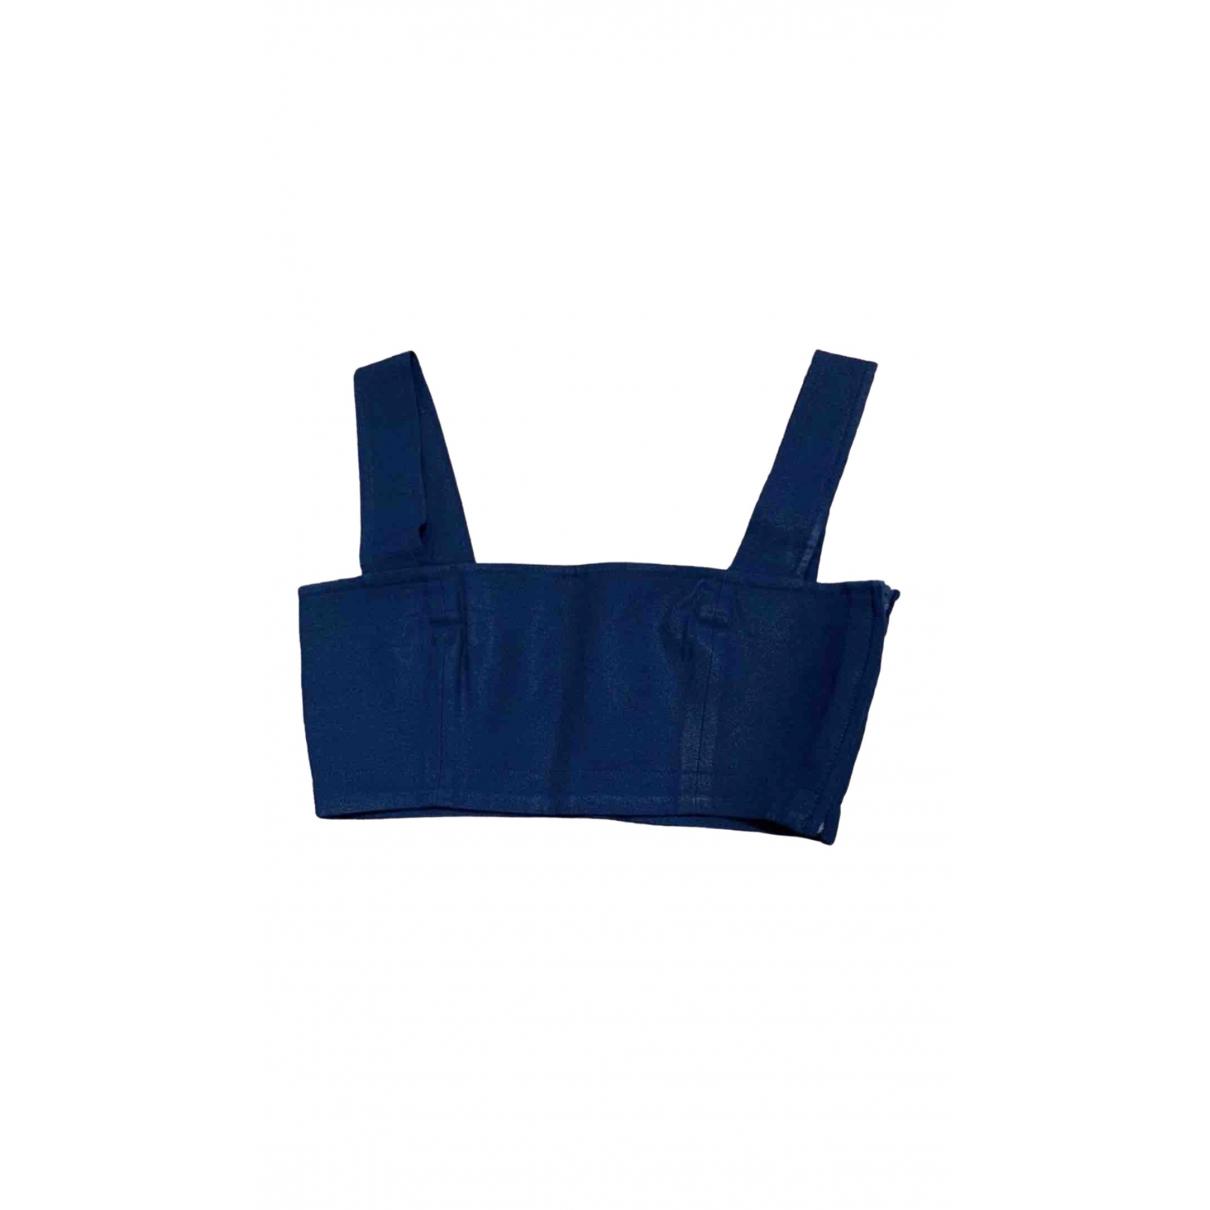 Yves Saint Laurent - Top   pour femme - bleu